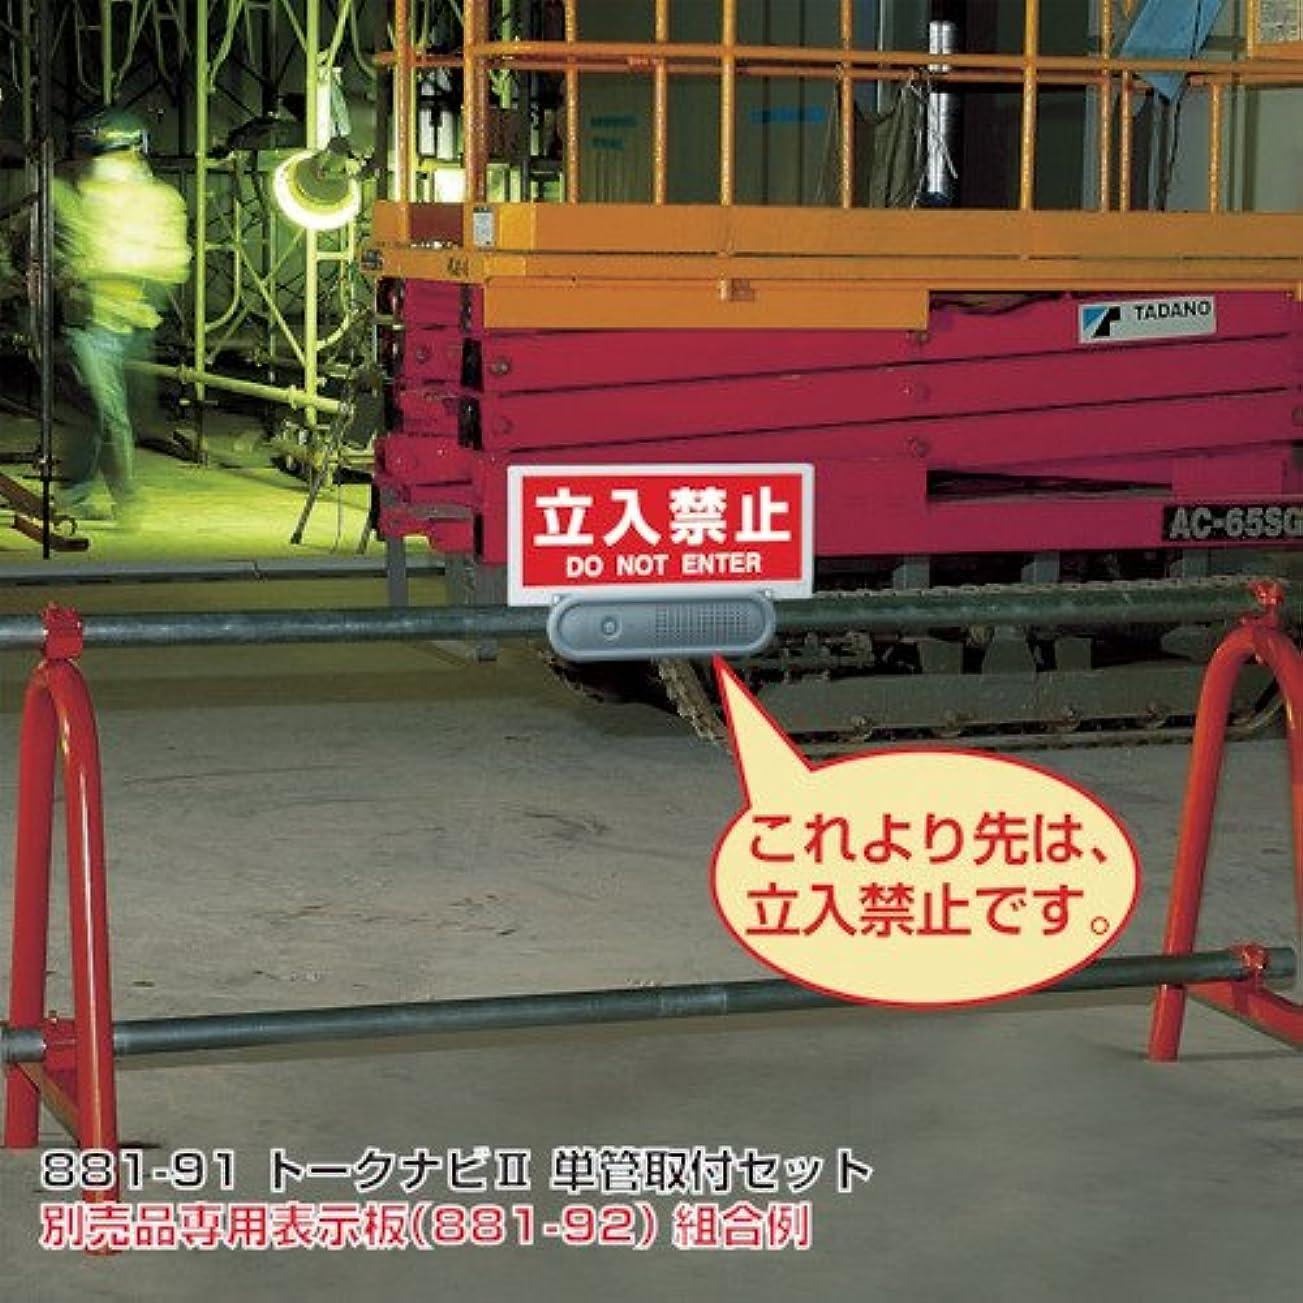 ユニット トークナビ2 単管取付クランプセット 88191